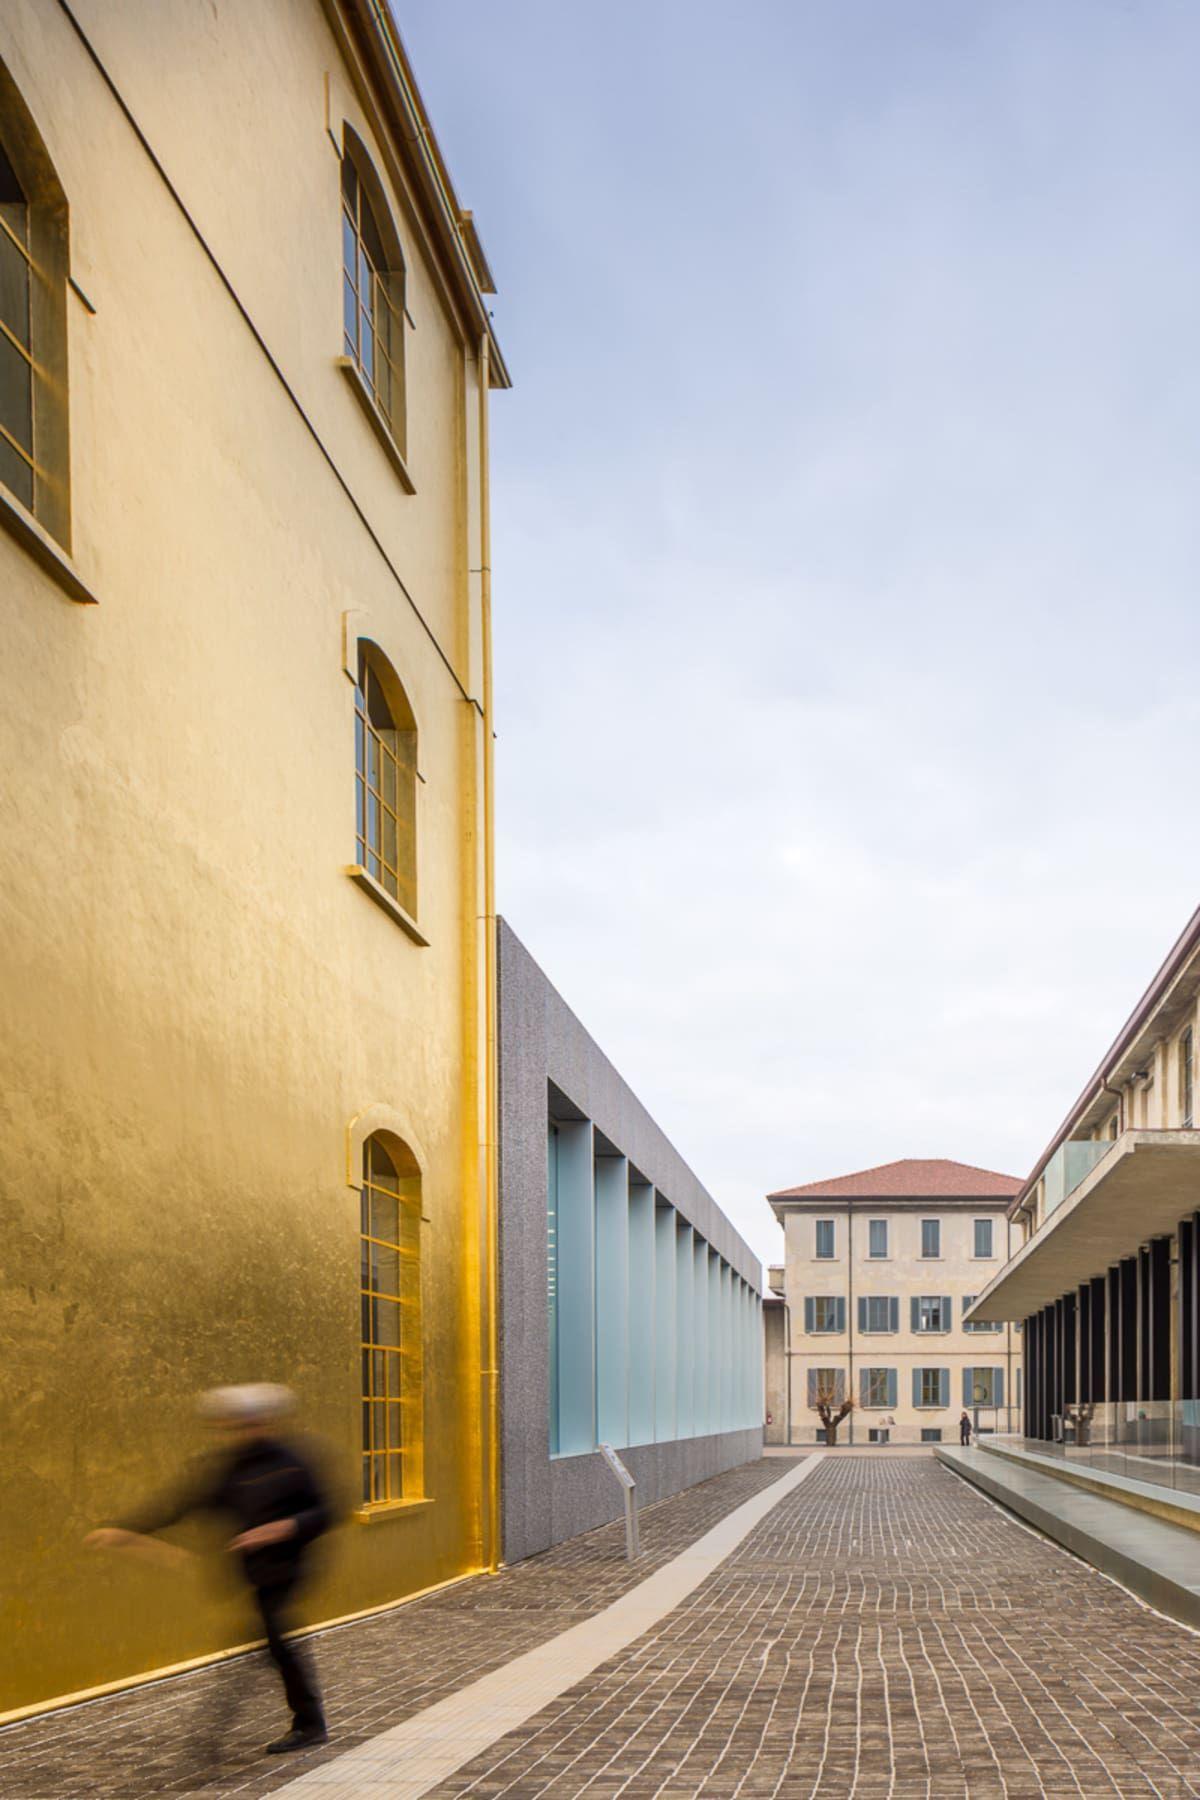 OMA - Office of Metropolitan Architecture, Simón García, Attilio Maranzano, Bas Princen, Roland Halbe · Prada Foundation in Milan